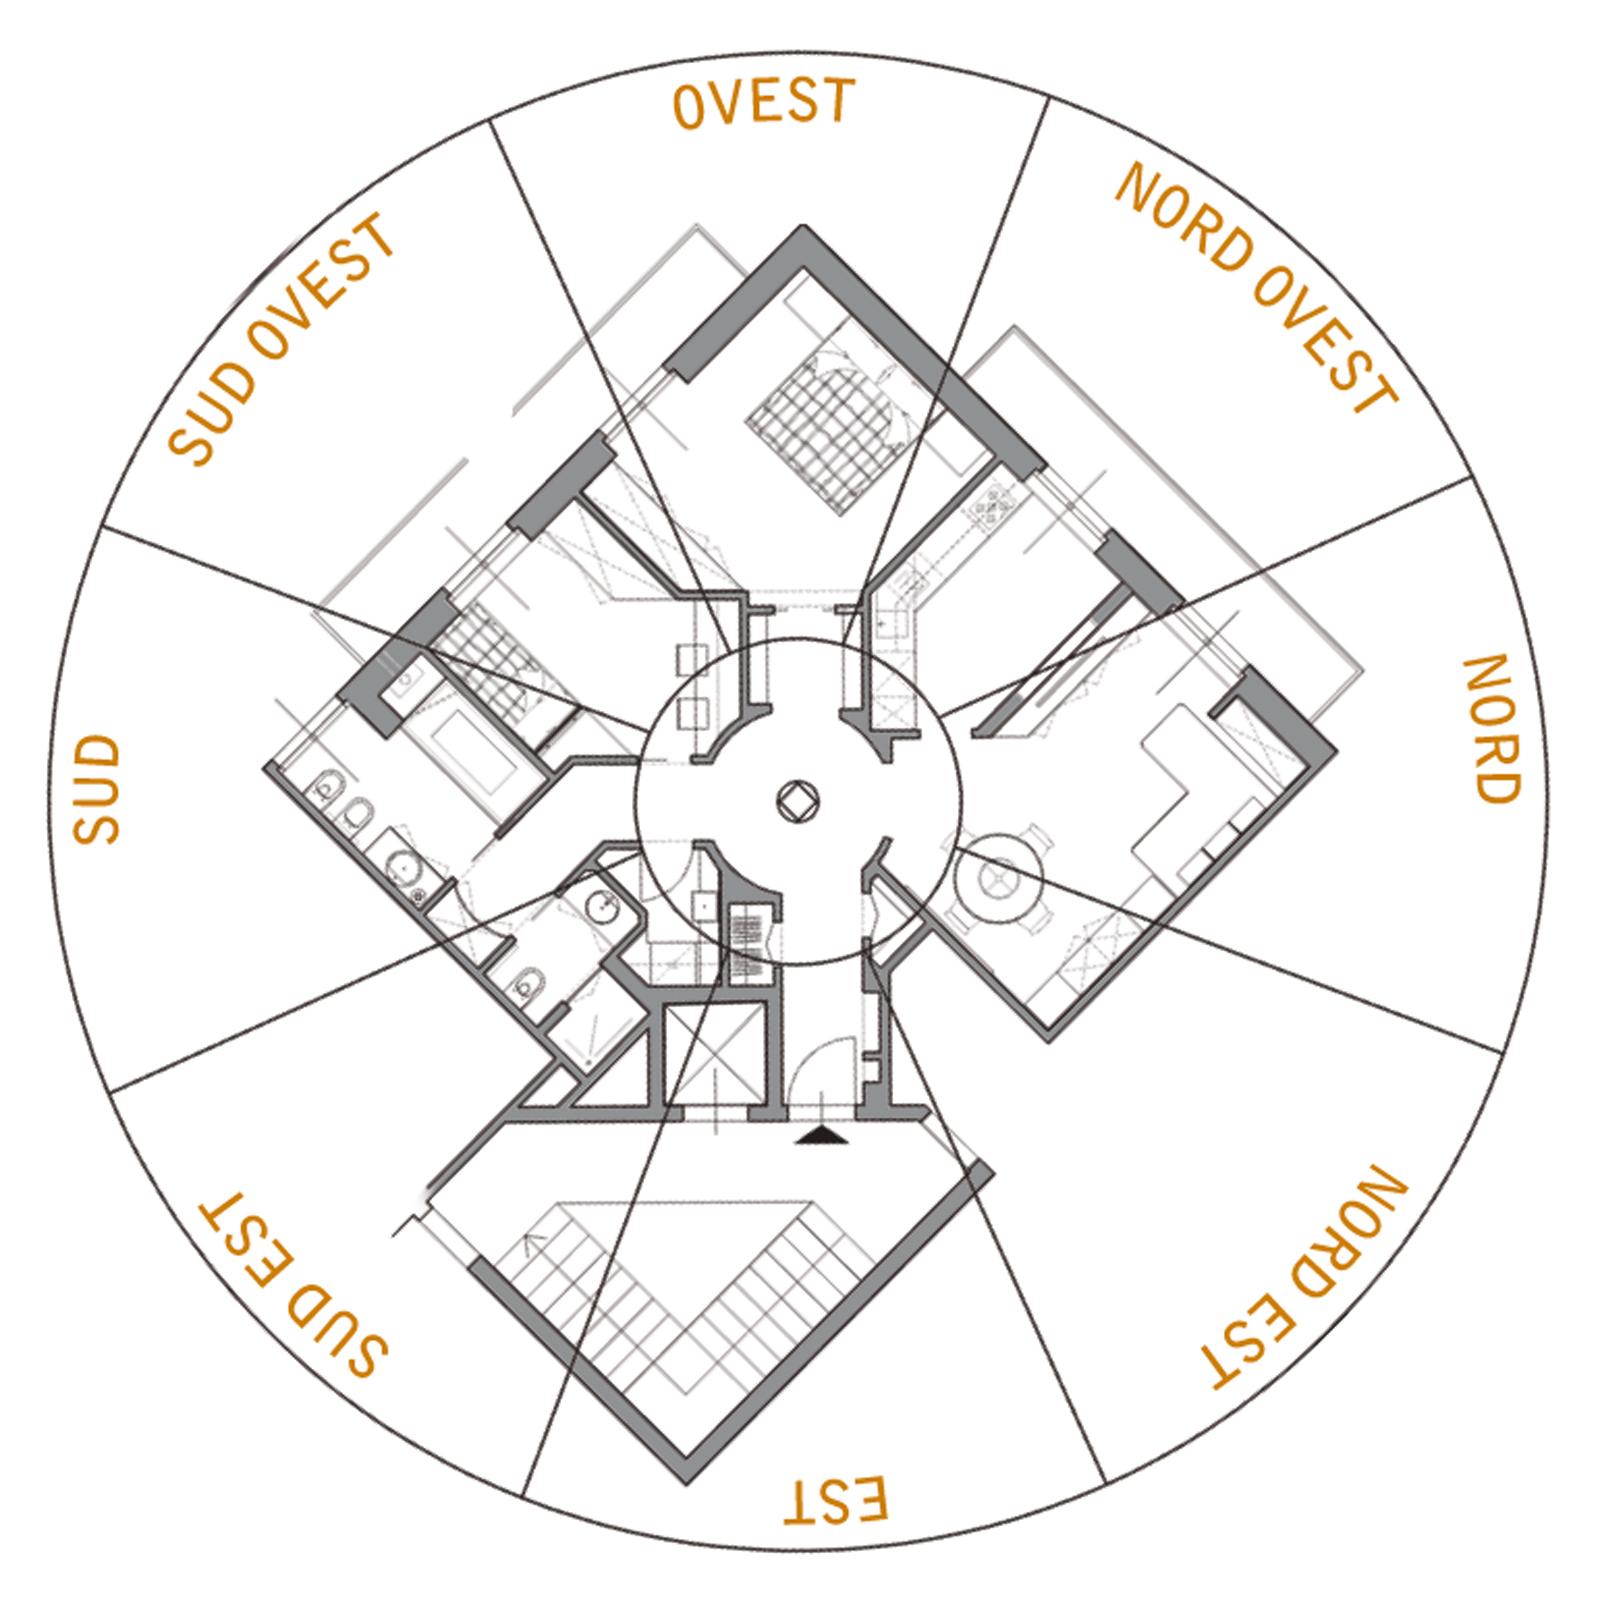 Scuola di interni wevux pianta cardinali feng shui wevux - Disposizione stanze casa ...